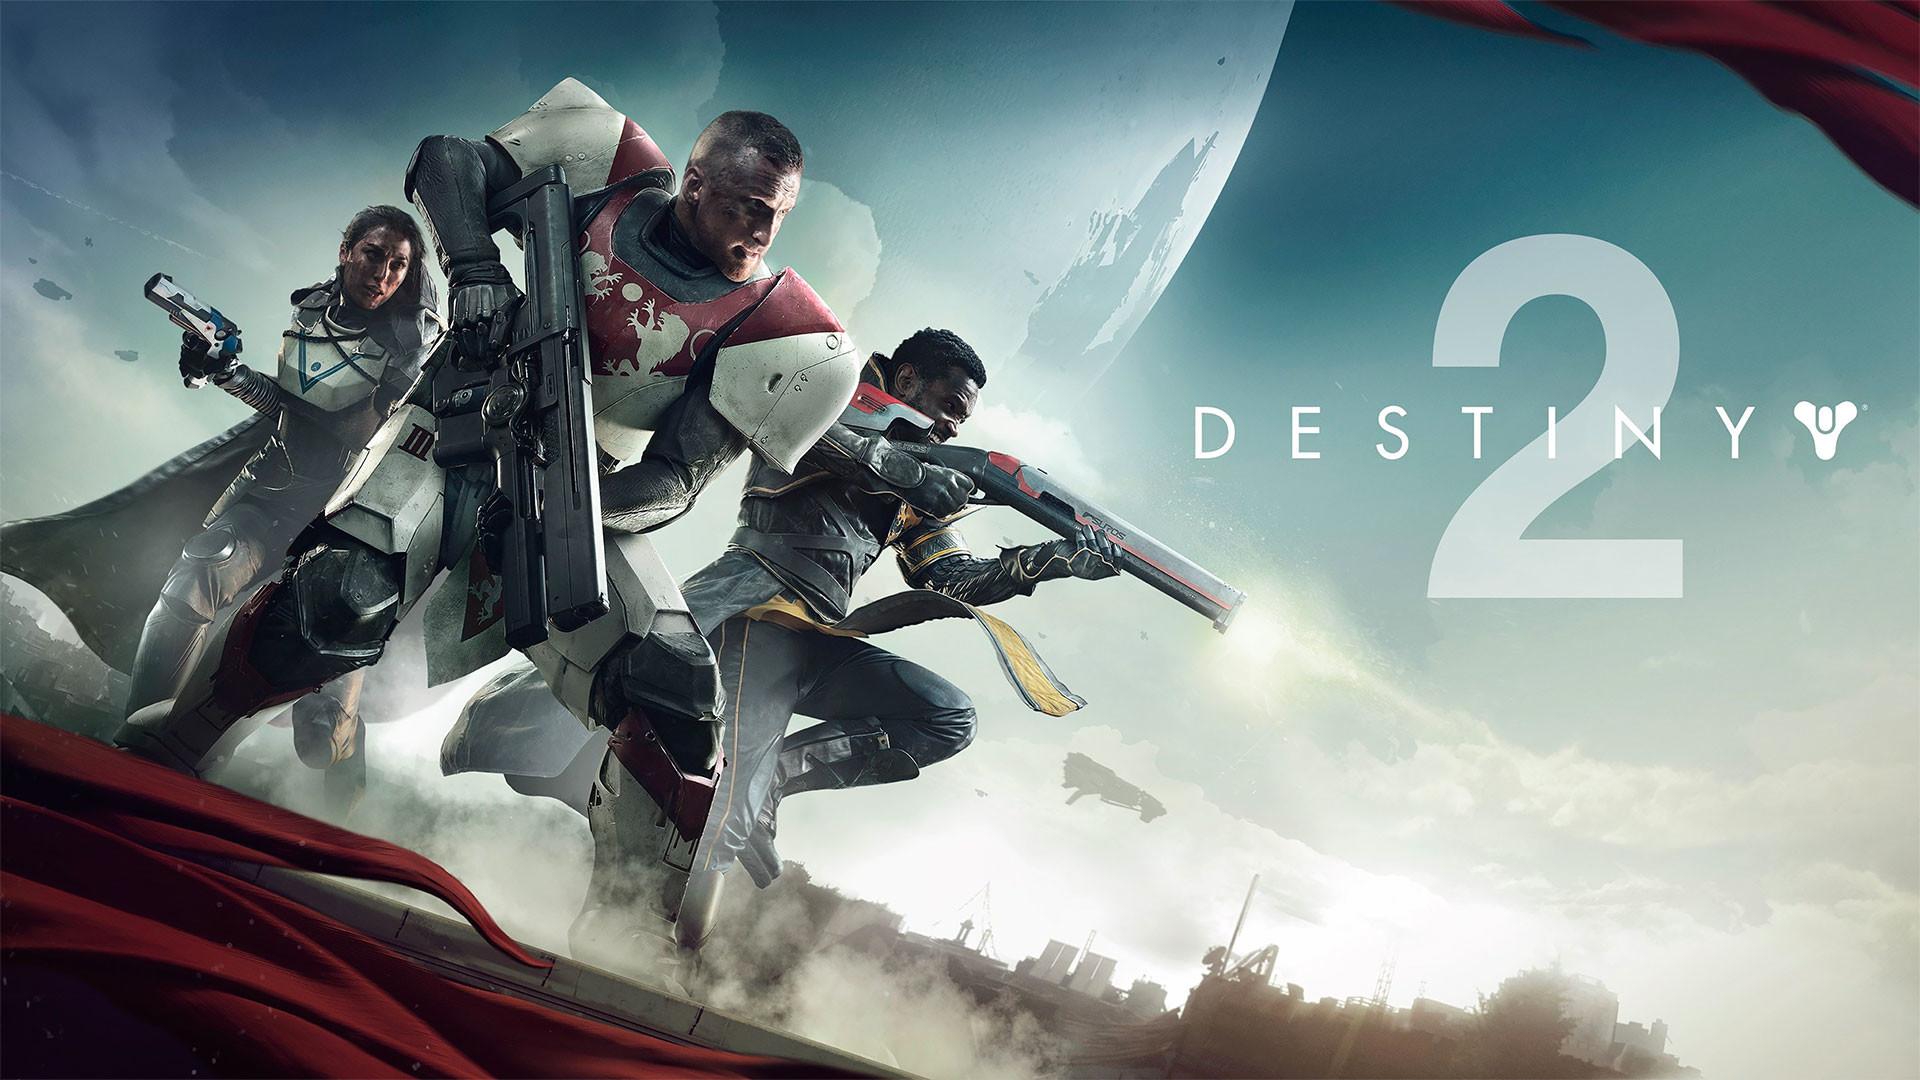 Destiny 2 4K Wallpaper   Destiny 2 1080p Wallpaper …